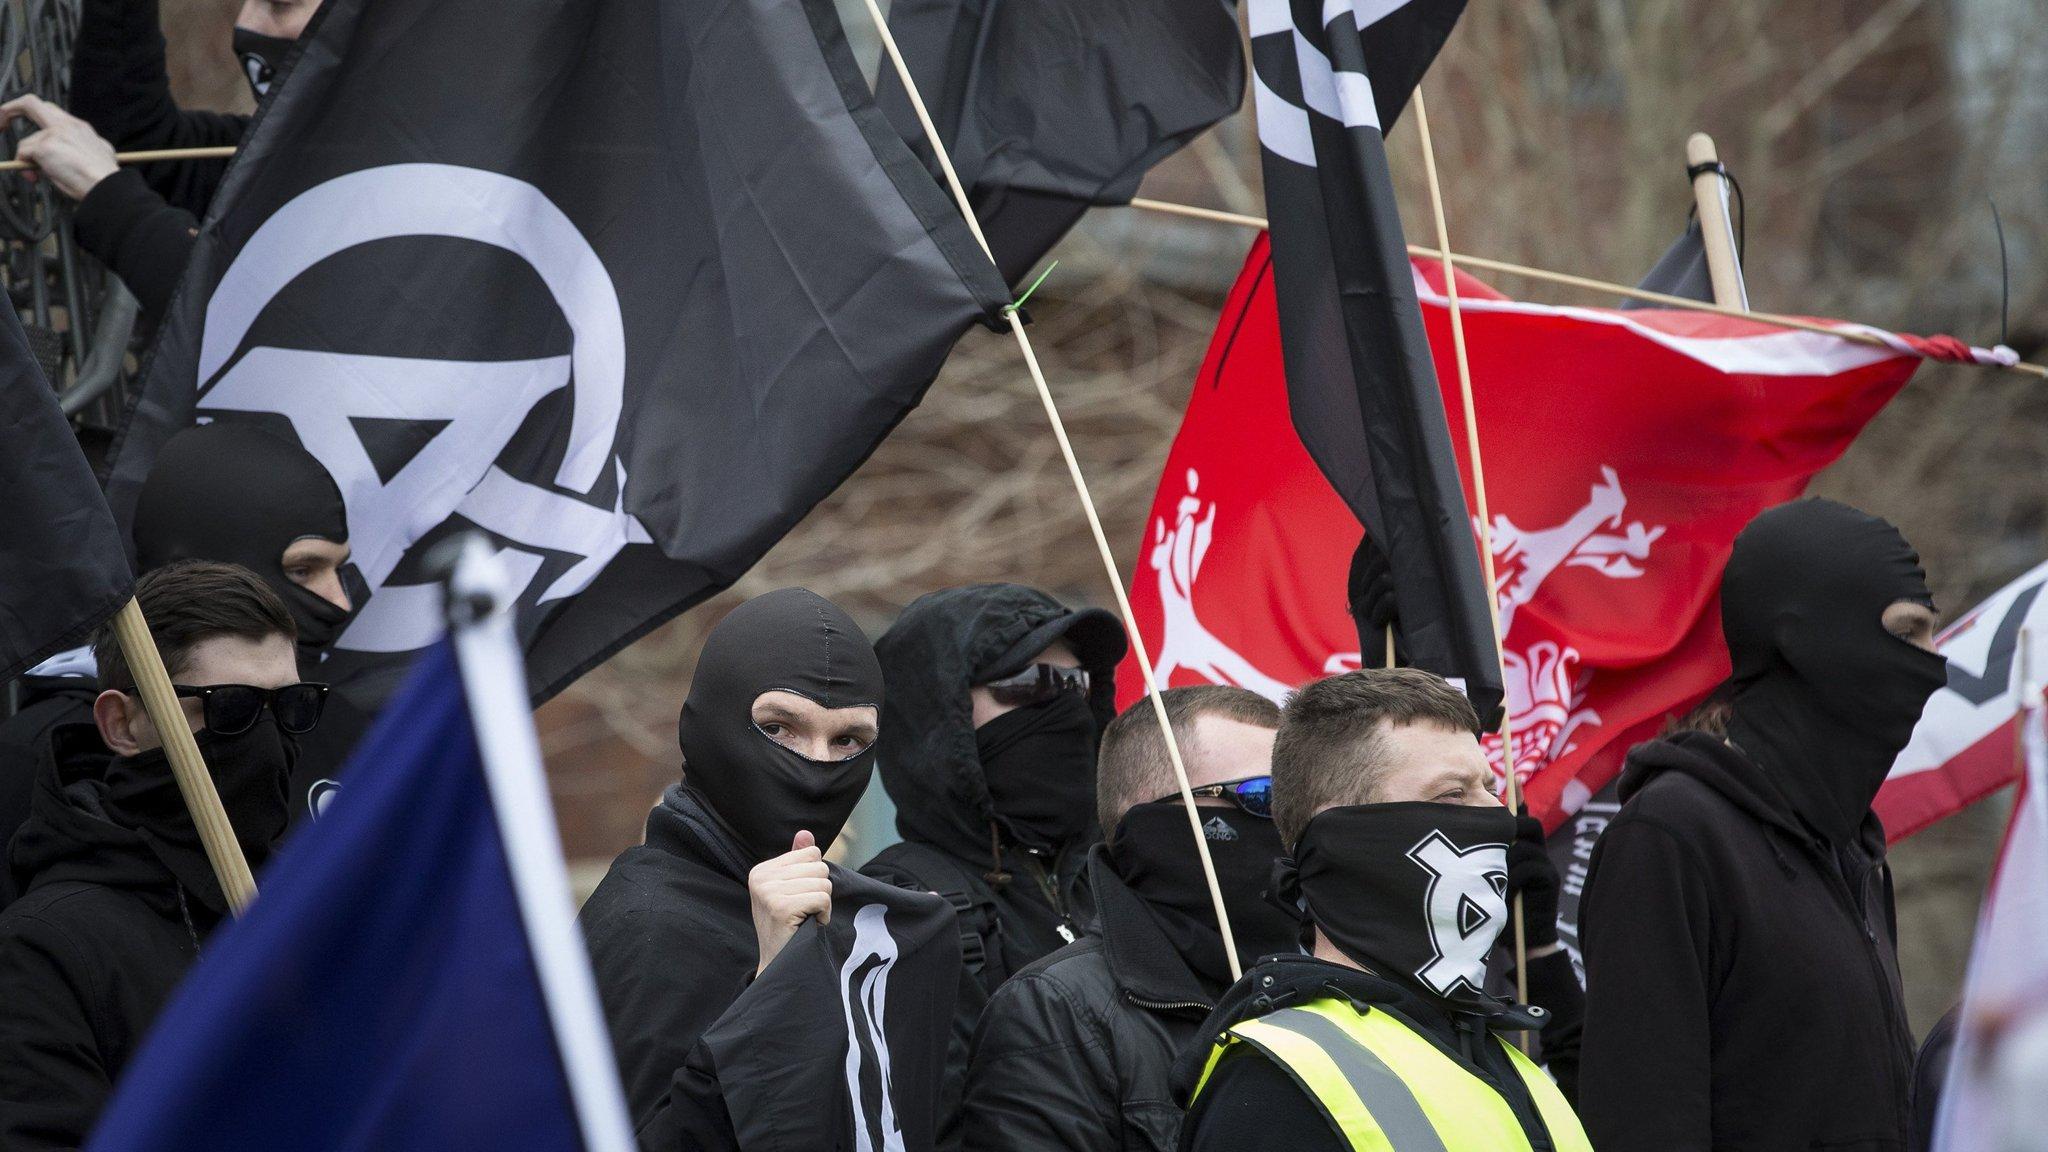 UK far-right copying terror tactics to fuel tensions